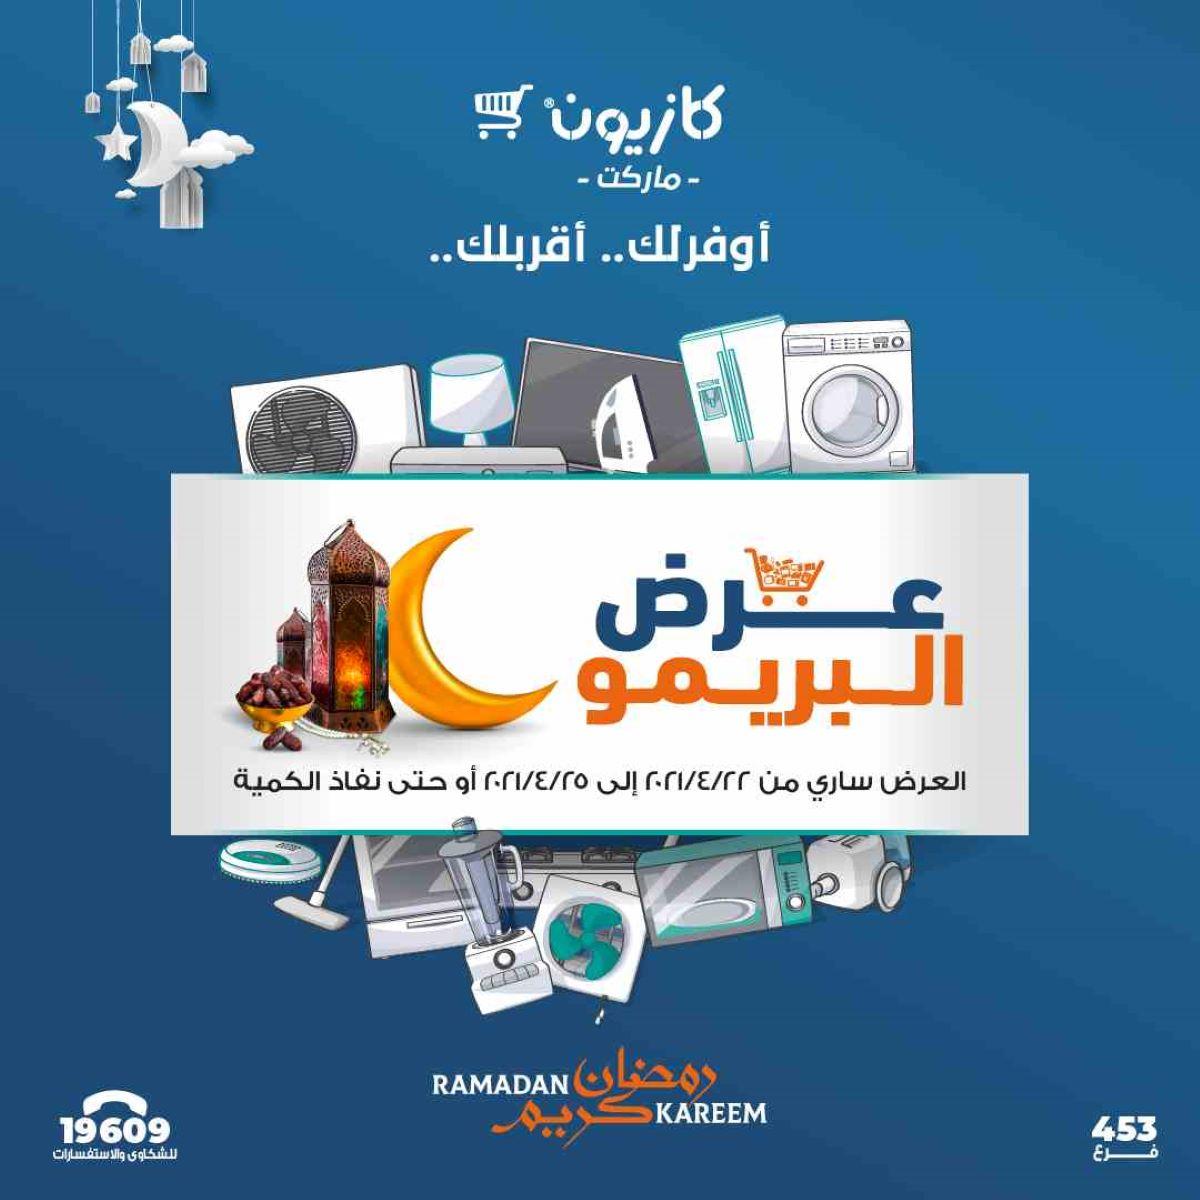 عروض شهر رمضان من كازيون مستمرة حتى 26 ابريل 2021